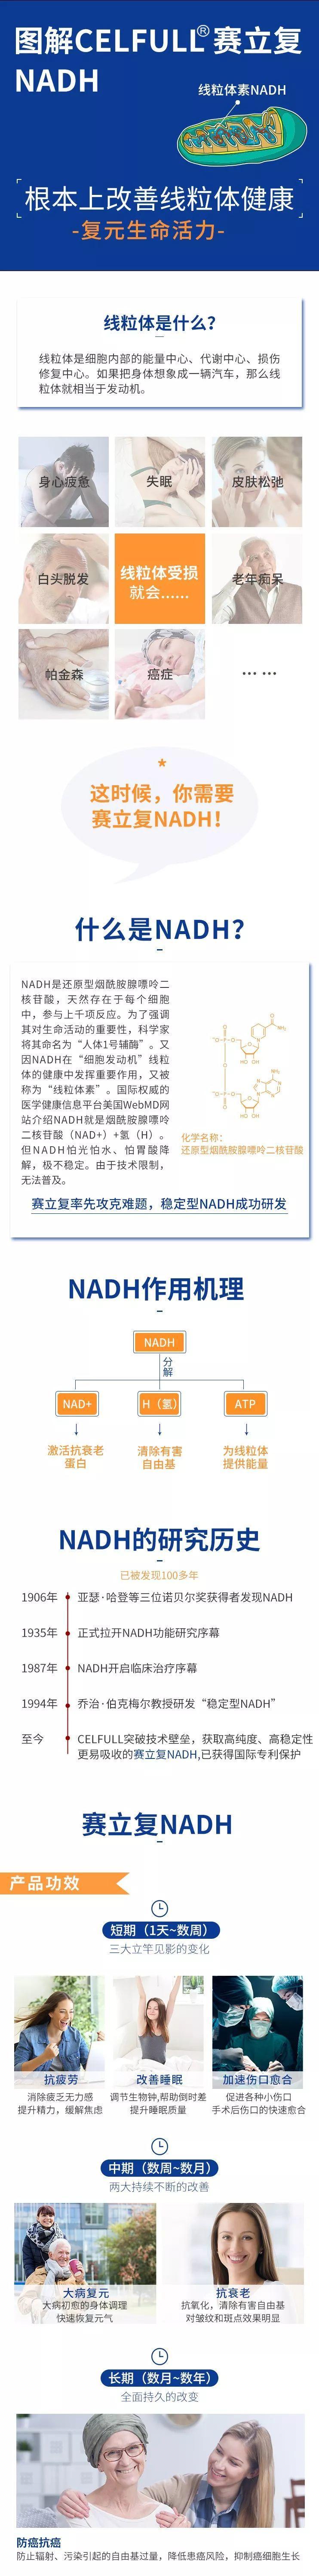 科普 | 赛立复NADH是什么?